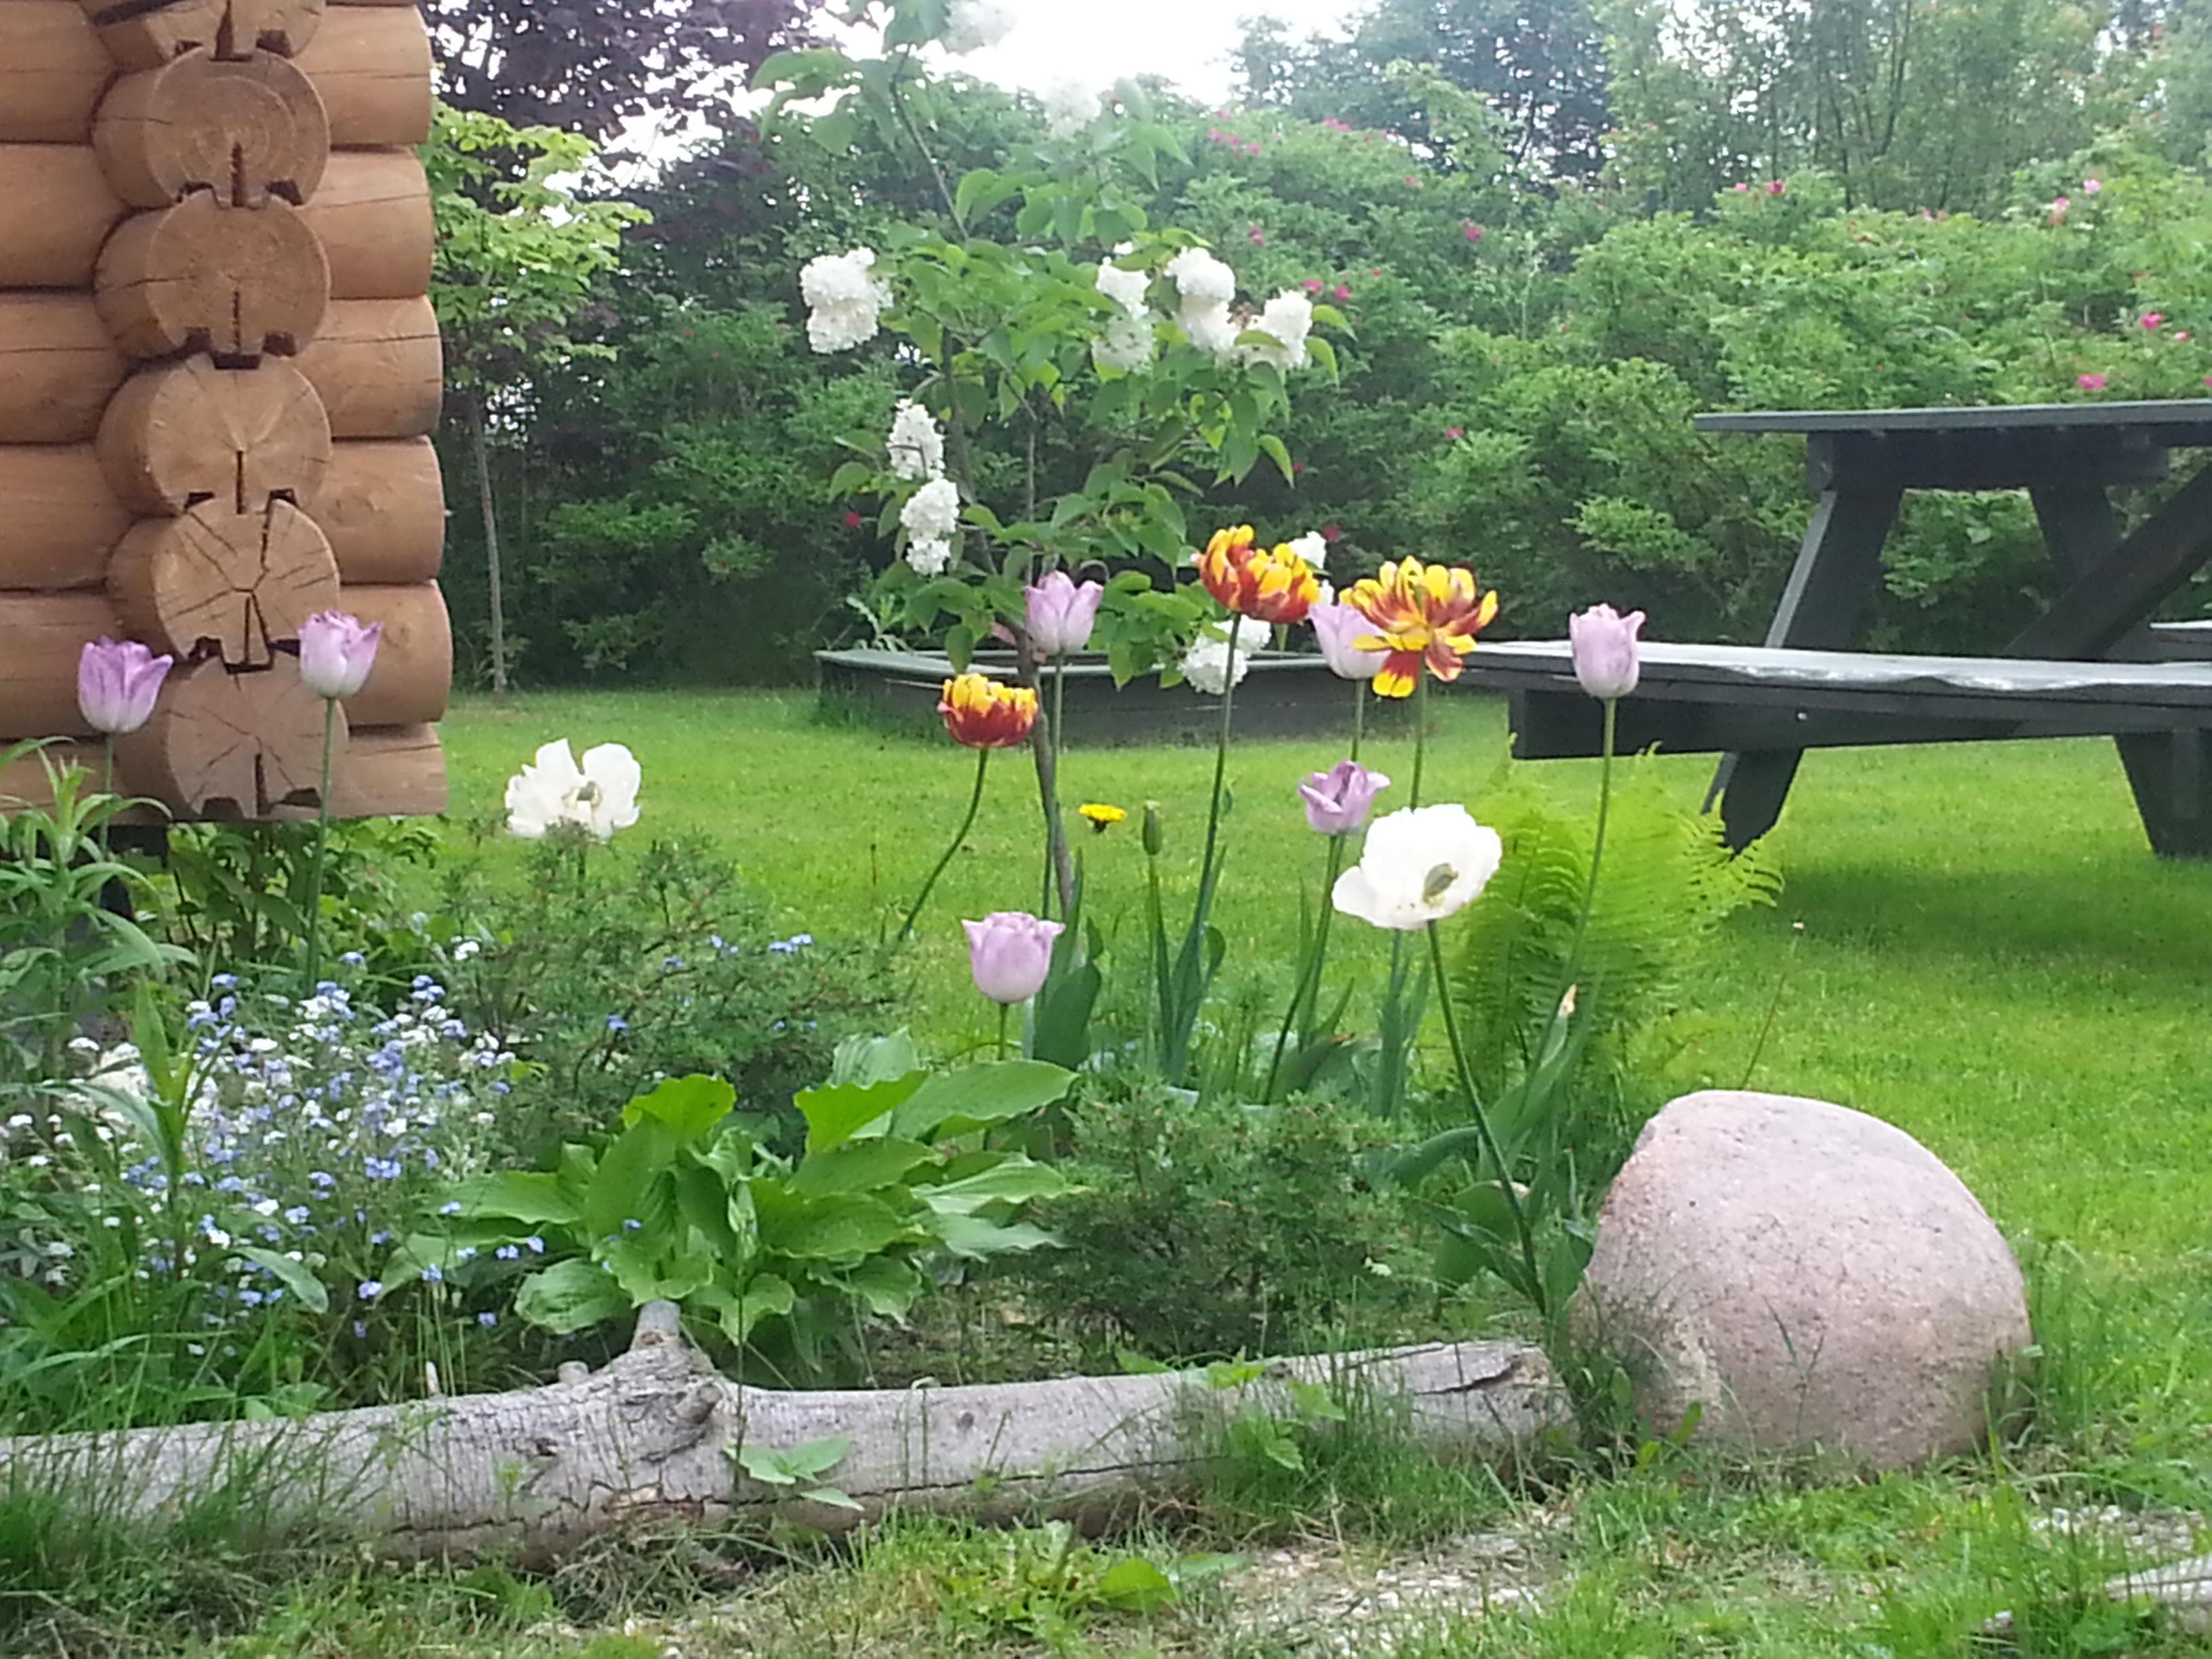 Wiosna w Naszych ogrodach. Mazury, noclegi, domki nad jeziorem, Kal, Śiwęcajty